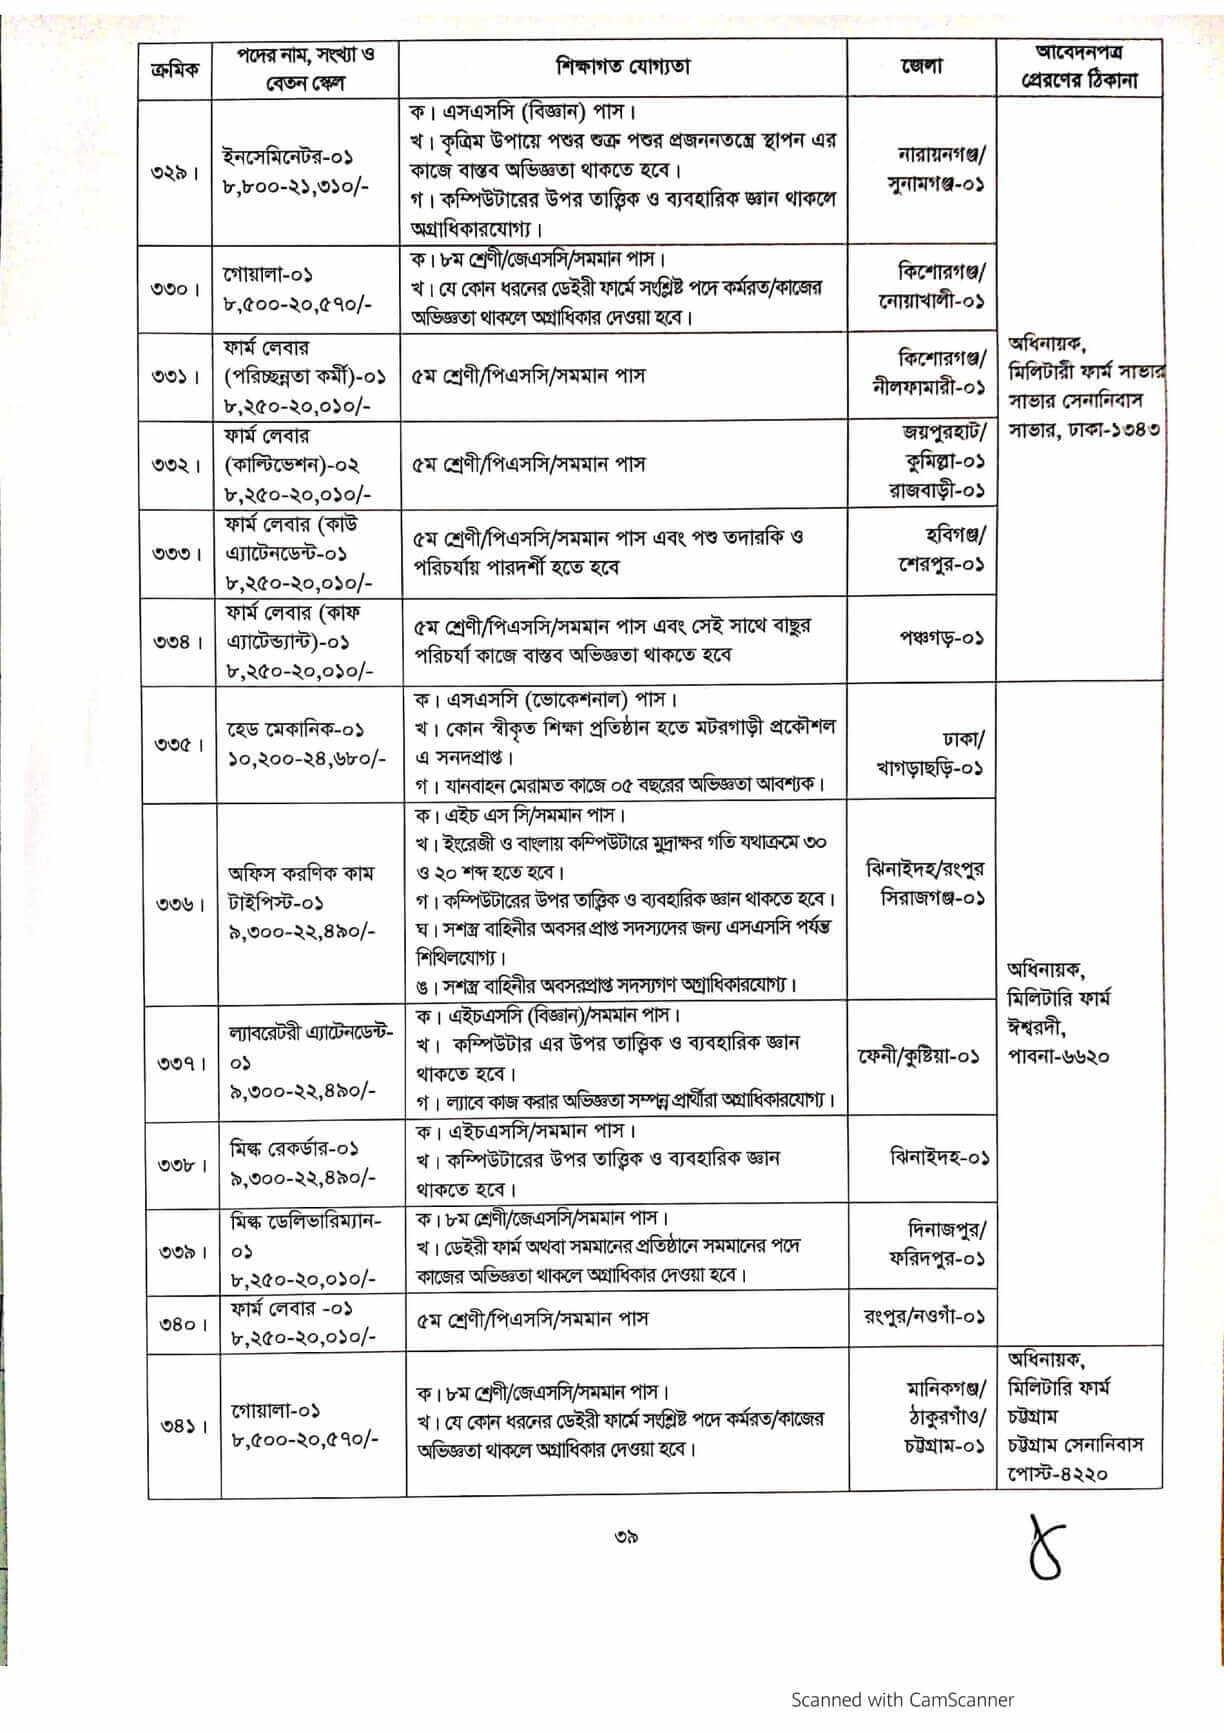 www.army.mil.bd jobs circular 2021